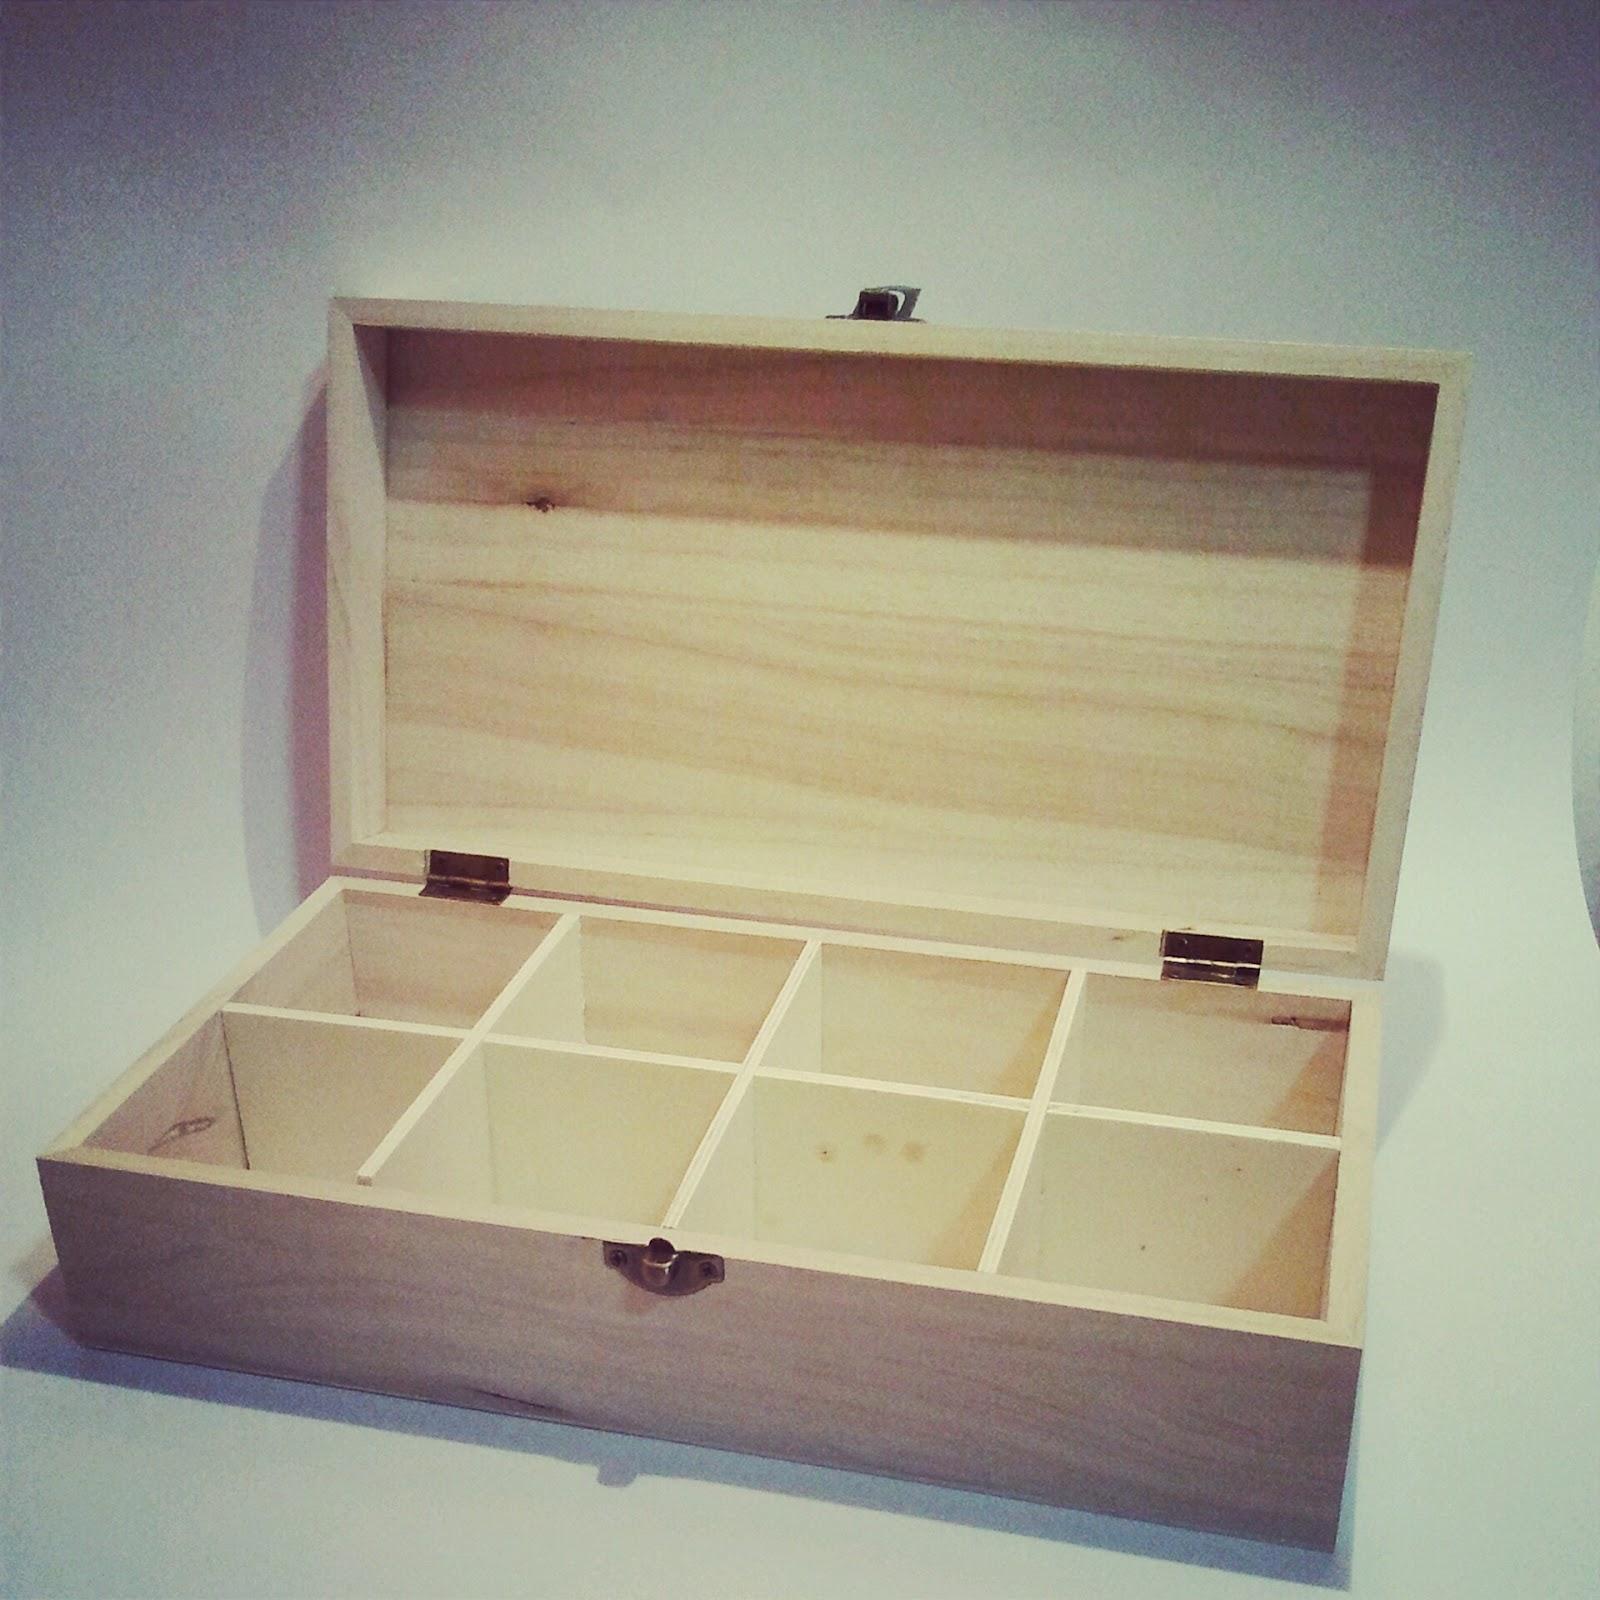 Caja de madera para pintar imagui - Madera para pintar ...